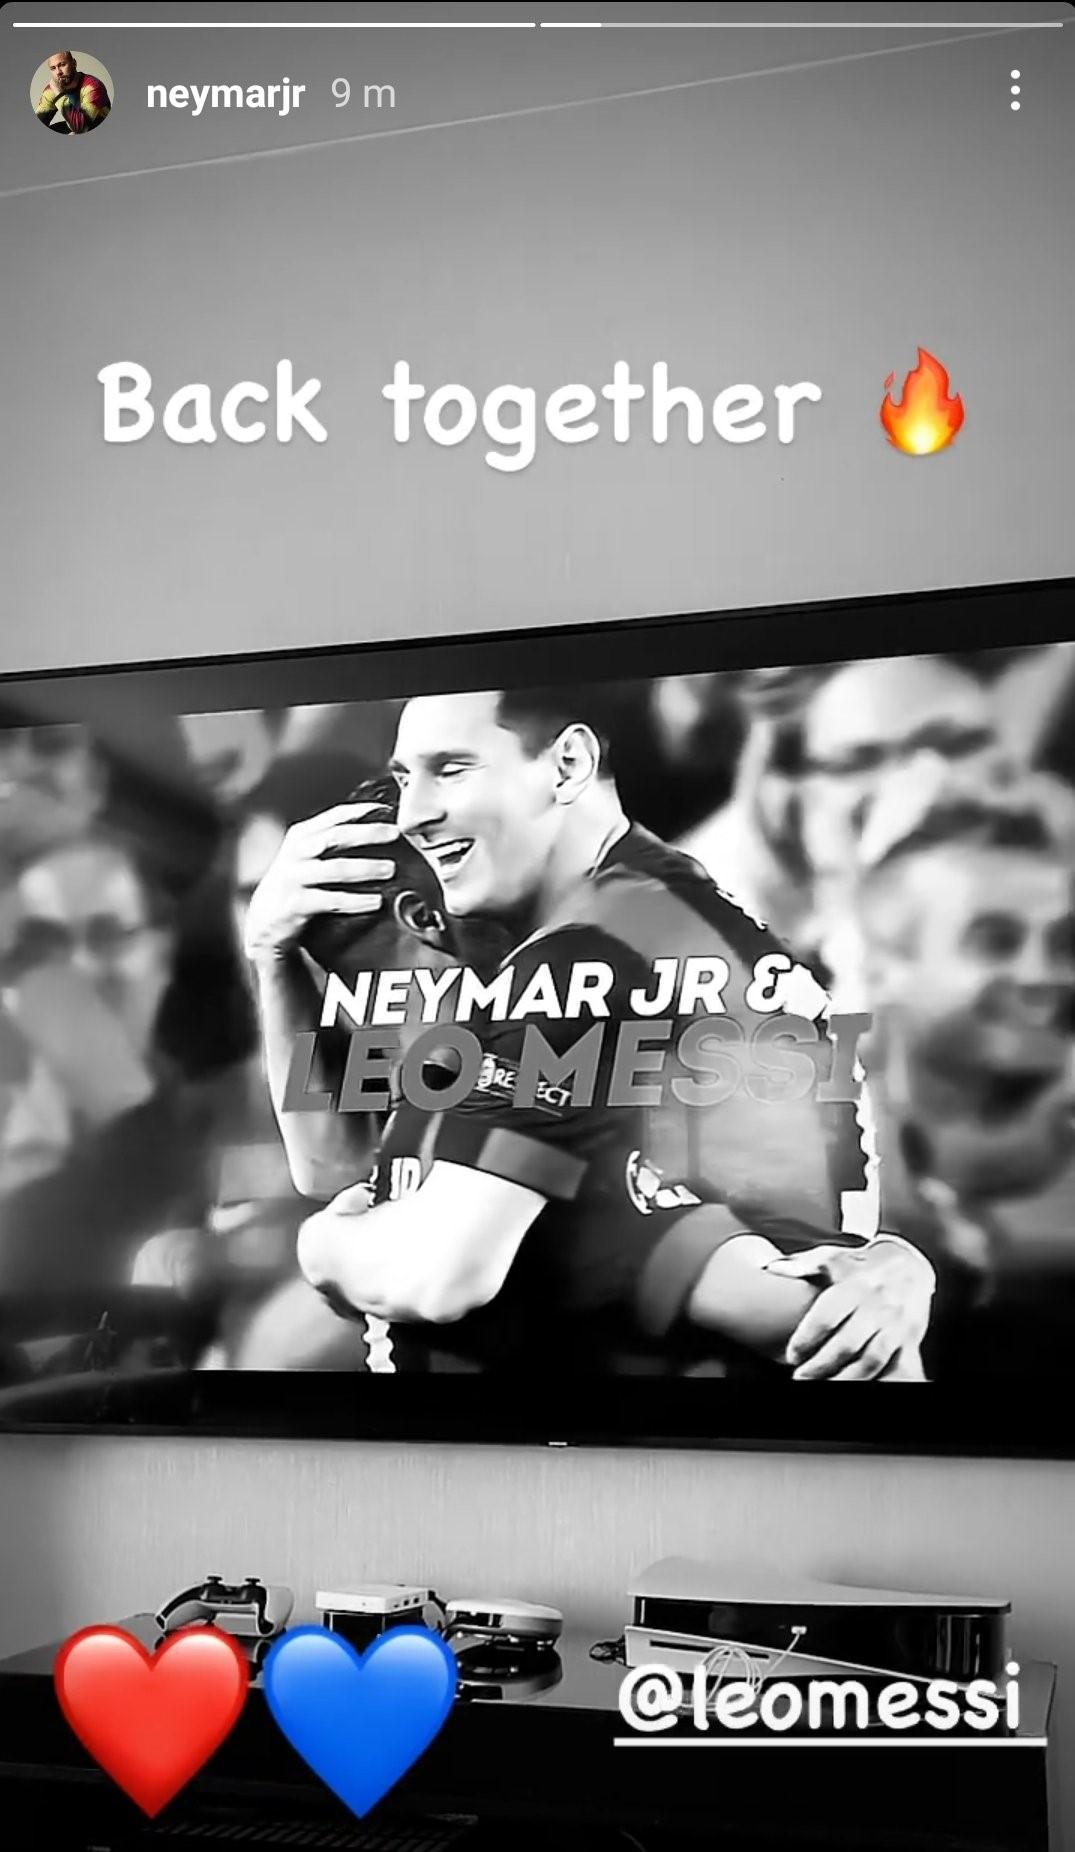 Neymar đăng tin chào đón Messi. Ảnh: Instagram/NeymarJr.